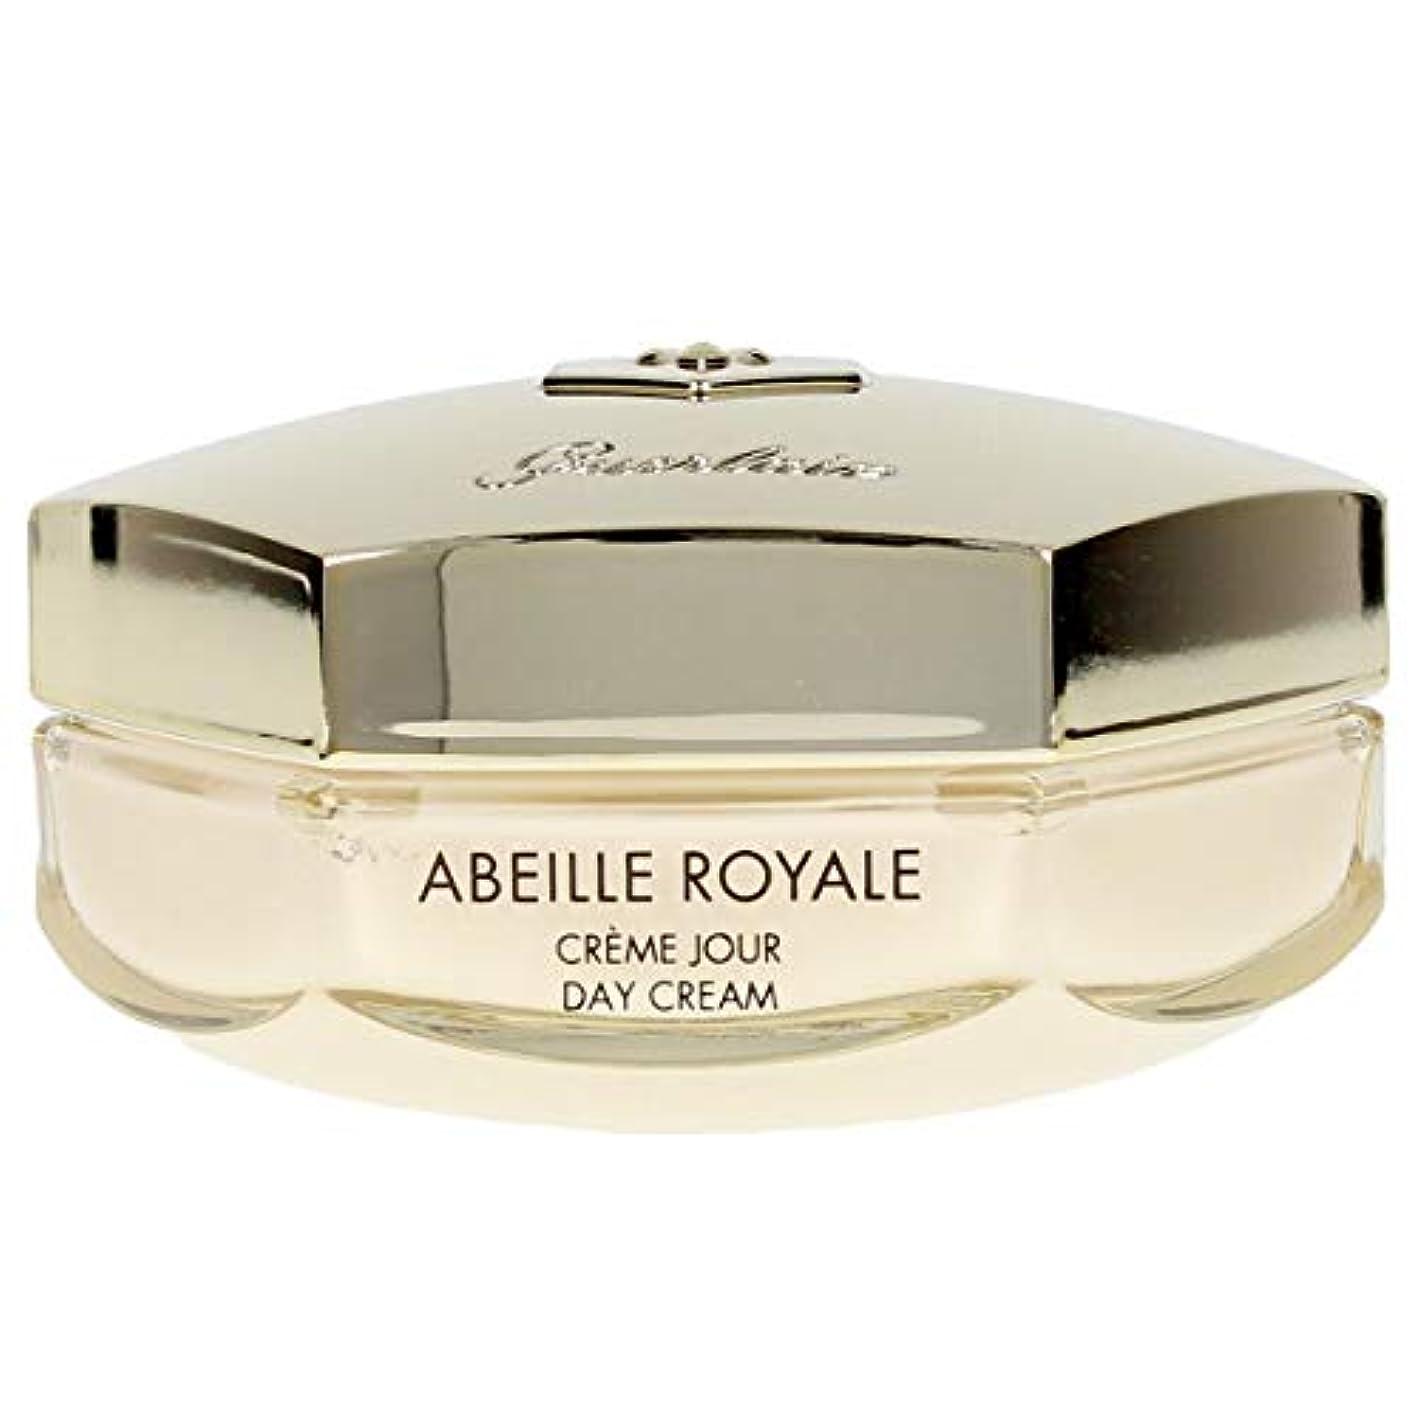 遺伝的手配するこれまでゲラン Abeille Royale Day Cream - Firms, Smoothes & Illuminates 50ml/1.6oz並行輸入品